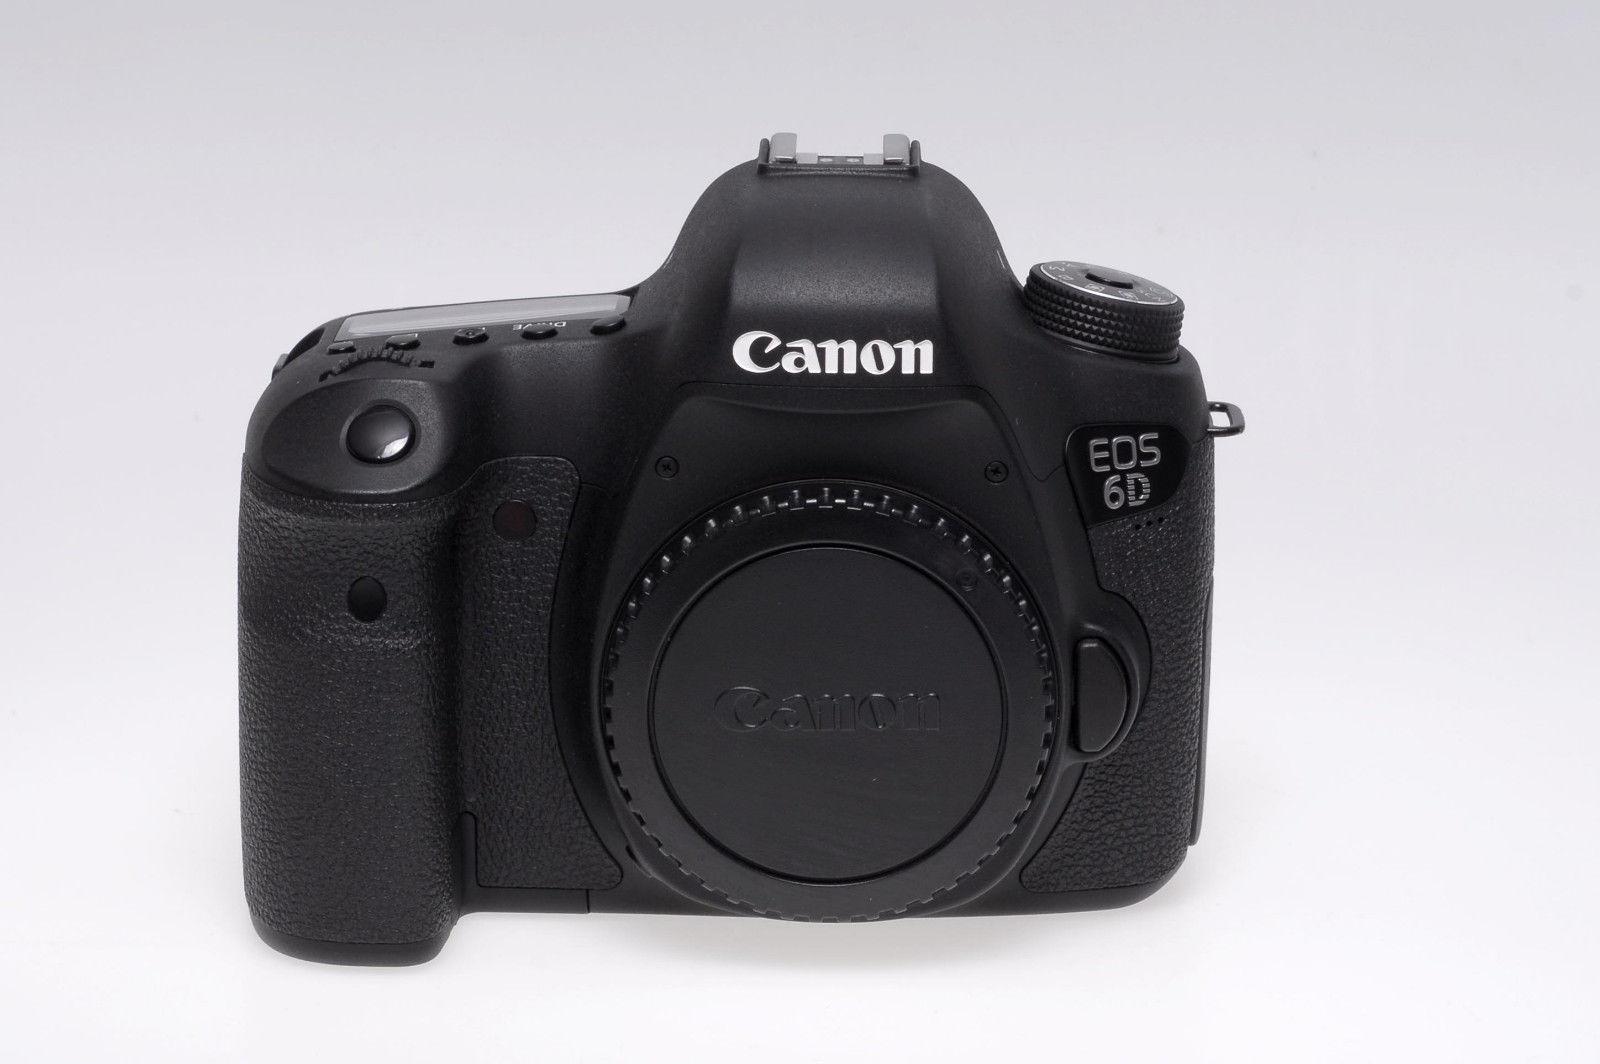 Canon EOS 6D 20,2 MP SLR-Digitalkamera - Schwarz (Nur Gehäuse) - gebraucht